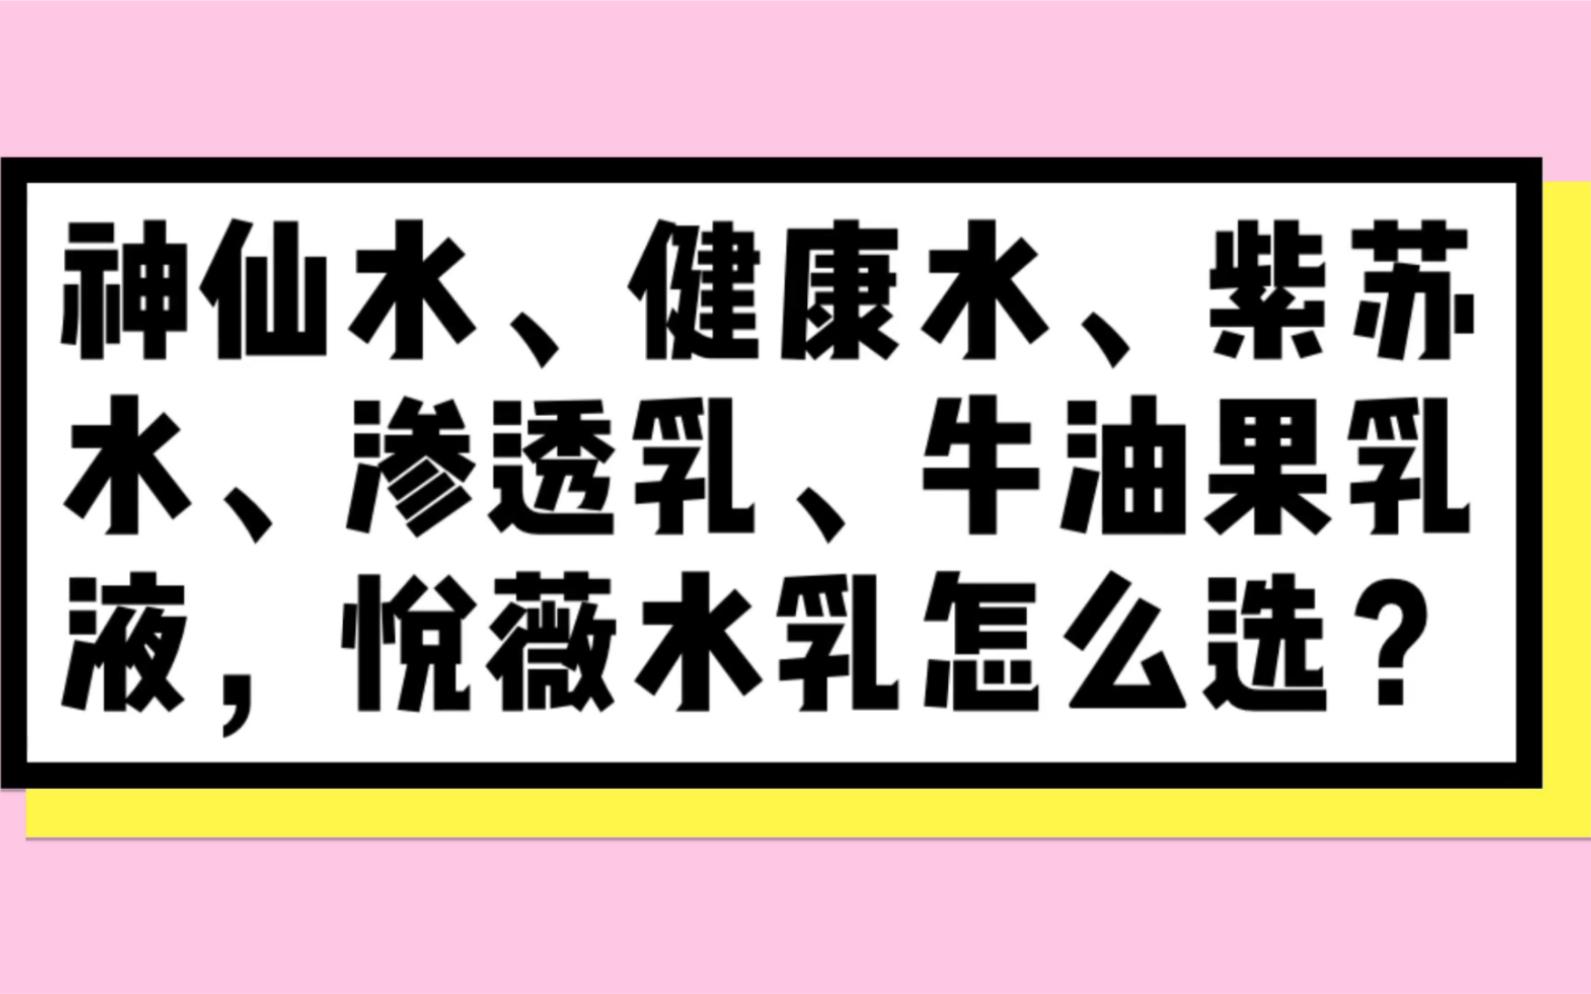 【空瓶记】SK2、资生堂悦薇、澳尔滨、黛珂之红黑榜(⁎⁍̴̛ᴗ⁍̴̛⁎)